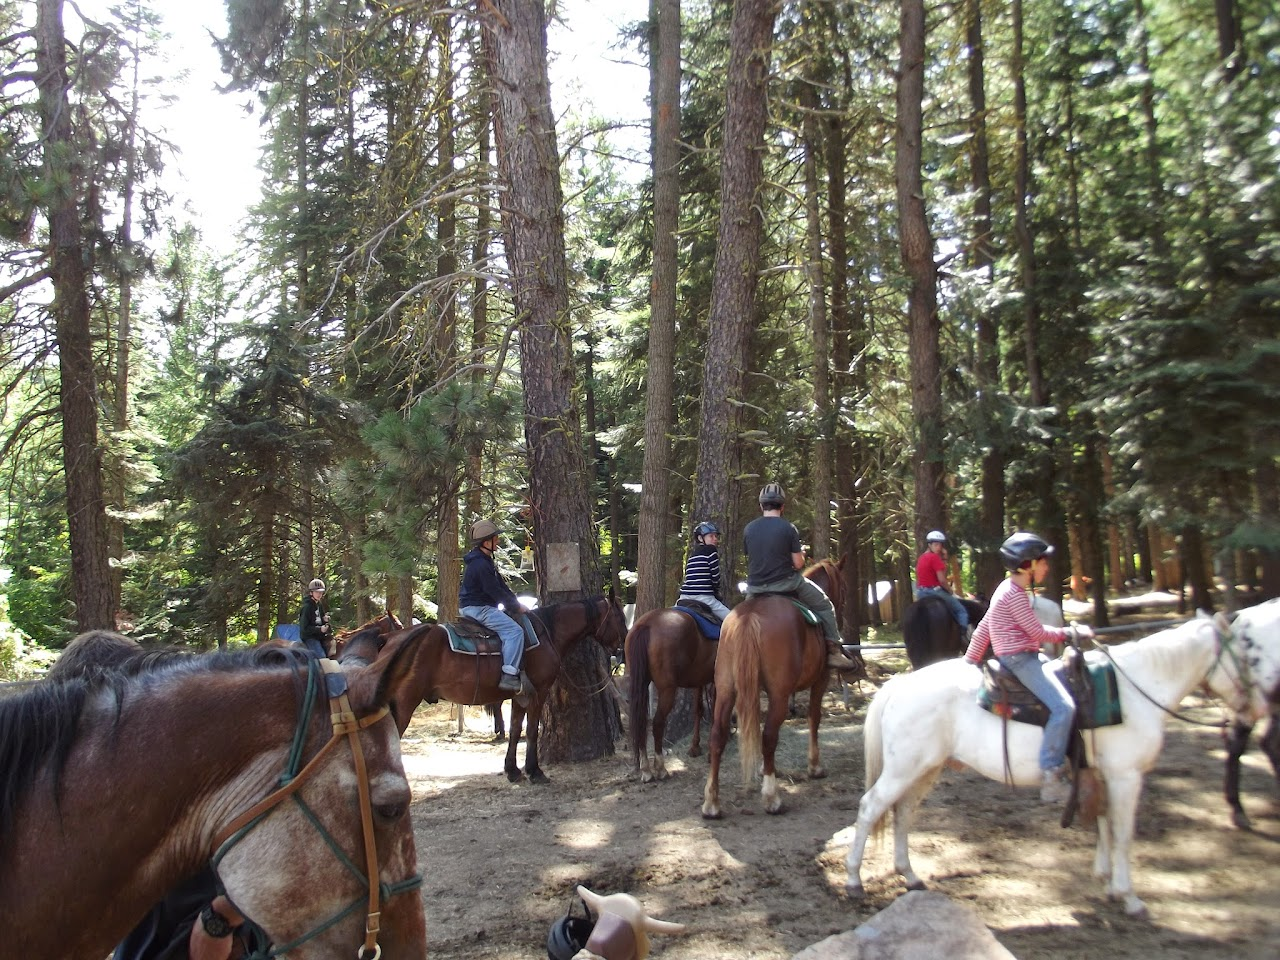 Camp Baldwin 2014 - DSCF3673.JPG